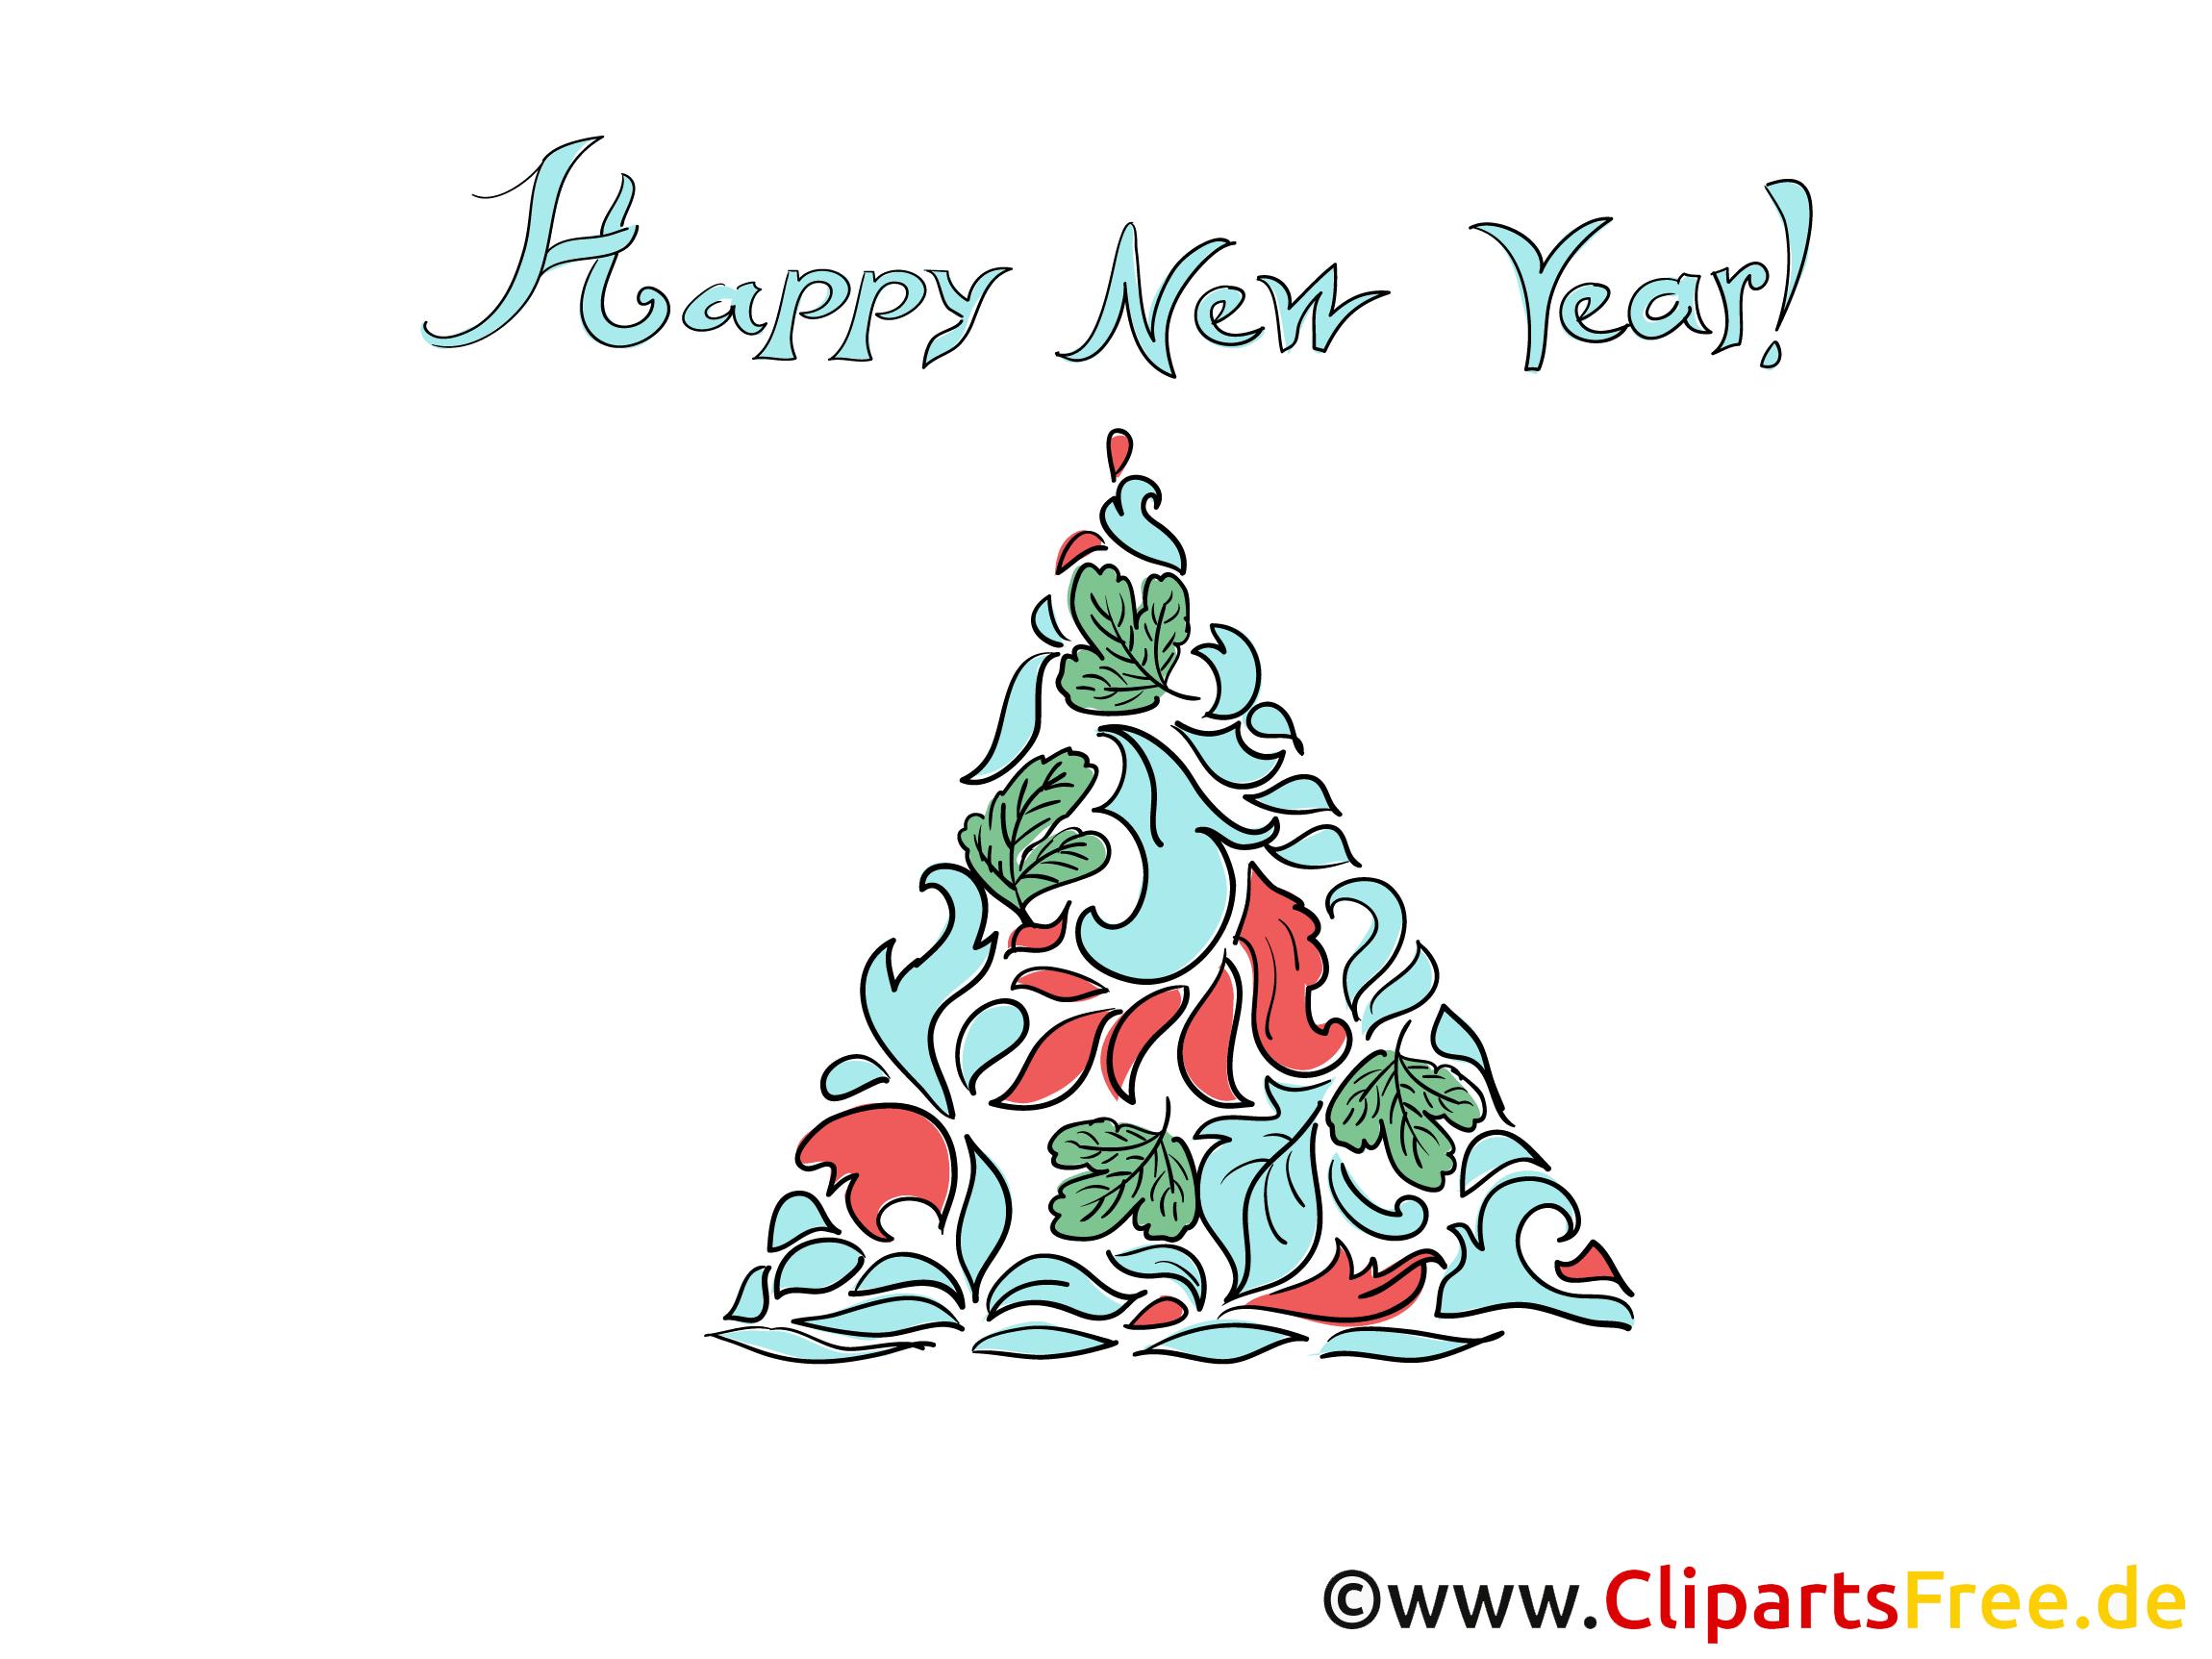 Bonne année la carte de vœux